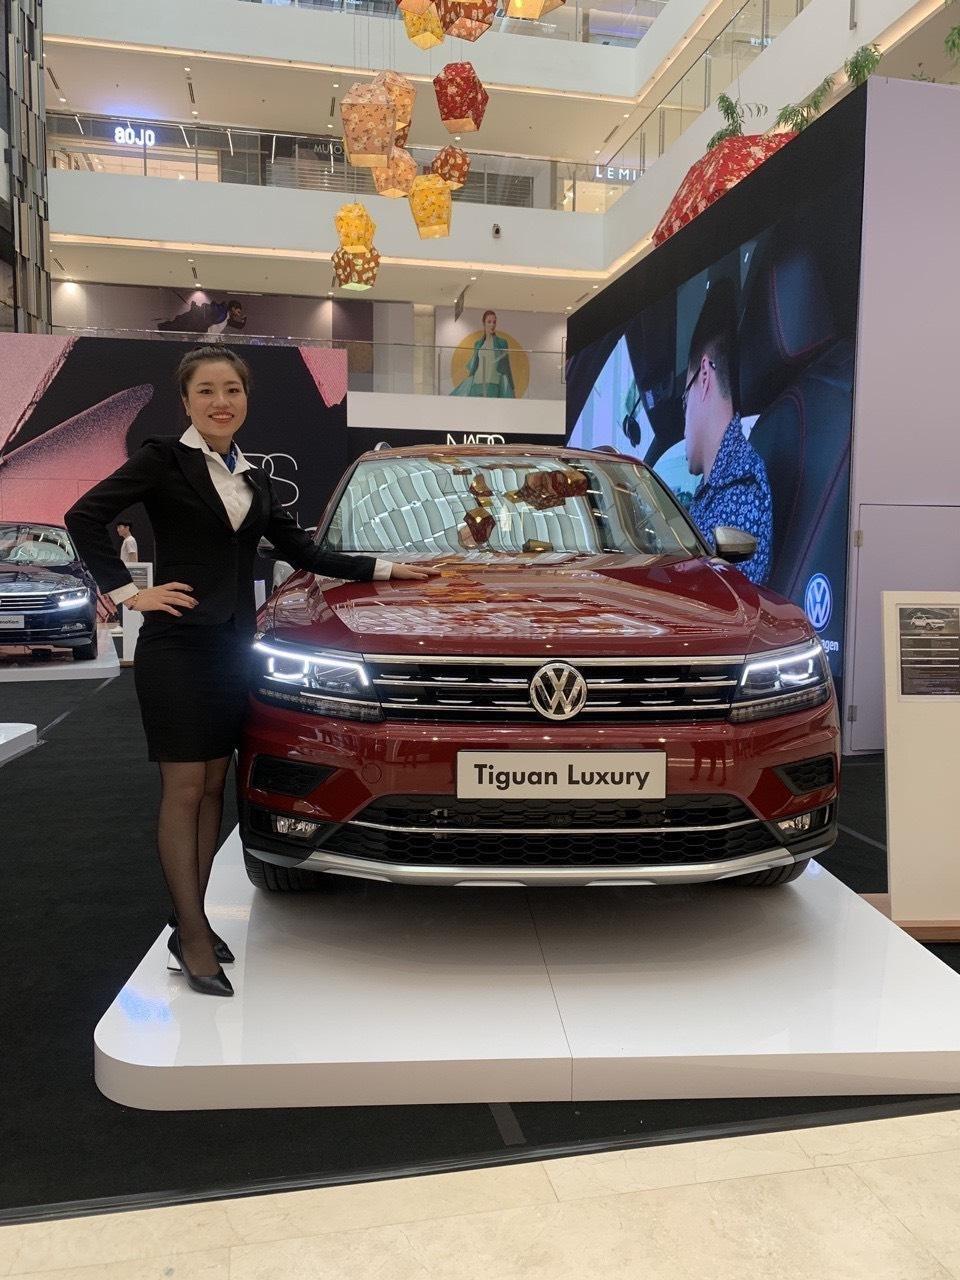 Volkswagen Tiguan Allspace 7 chỗ phiên bản Luxury hoàn hảo màu đỏ. Ưu đãi về giá, giao ngay (1)